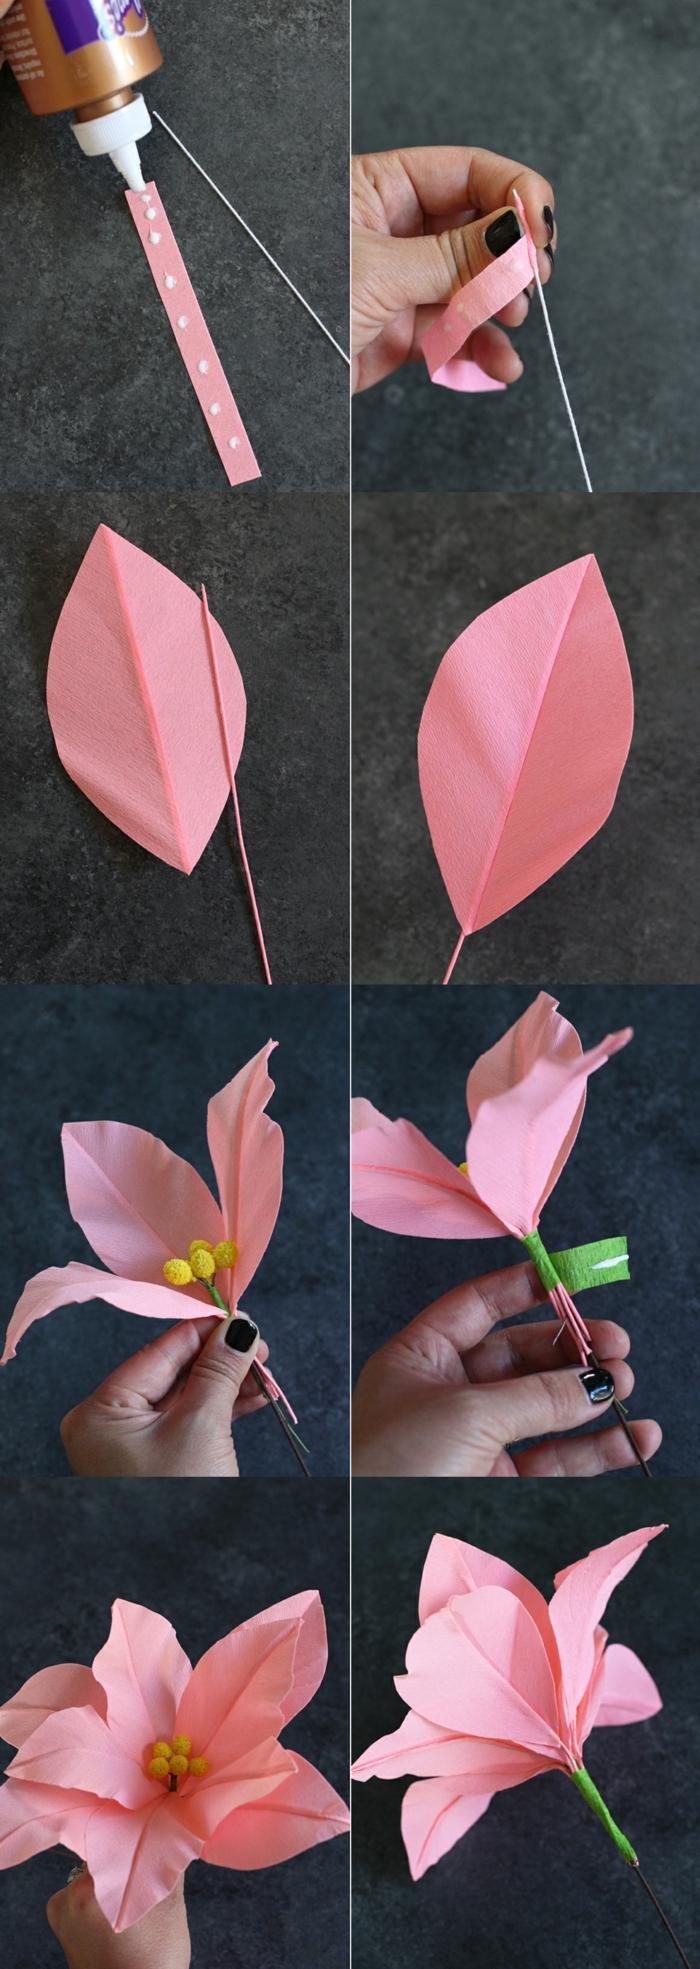 Schritt für Schritt Anleitung zum basteln von pinke Blume aus Papier, Kranz selber machen, pinterest basteln